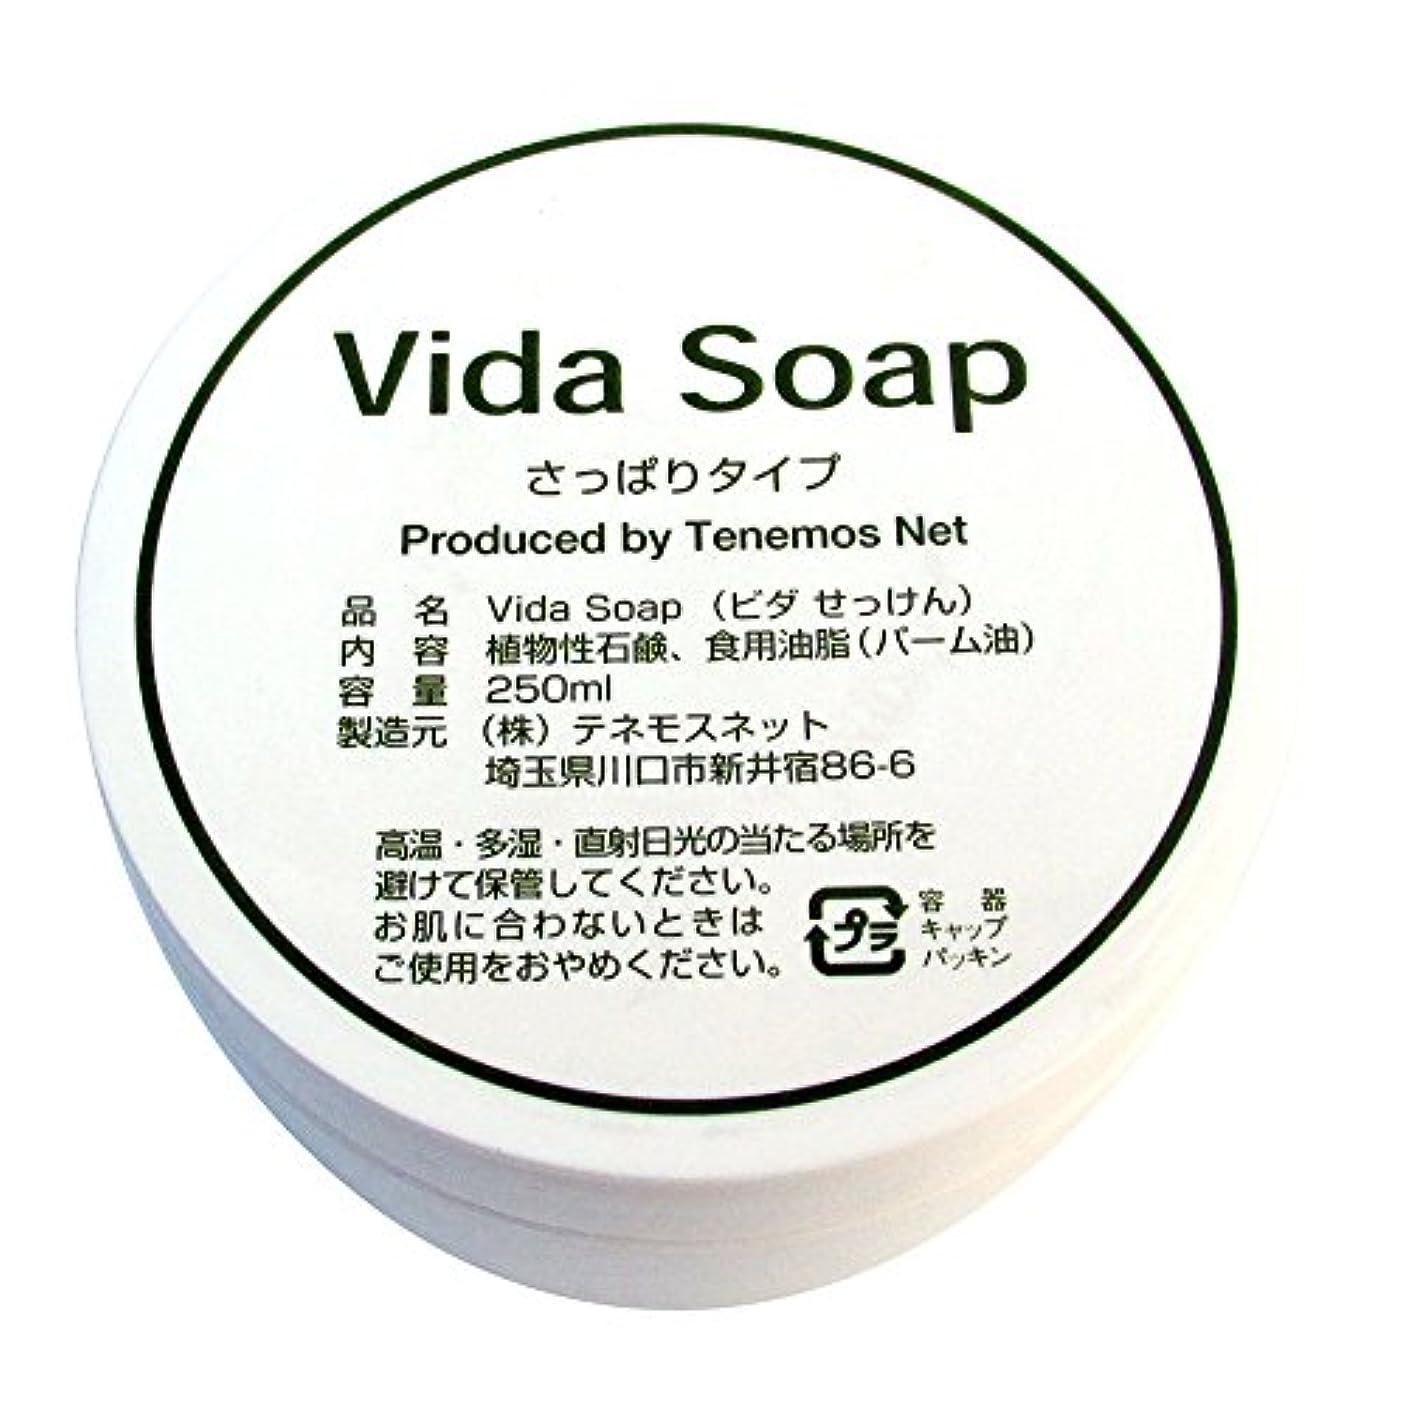 運ぶ遺産バンドルテネモス ビダせっけん Vida Soap さっぱりノーマル 植物性 250ml